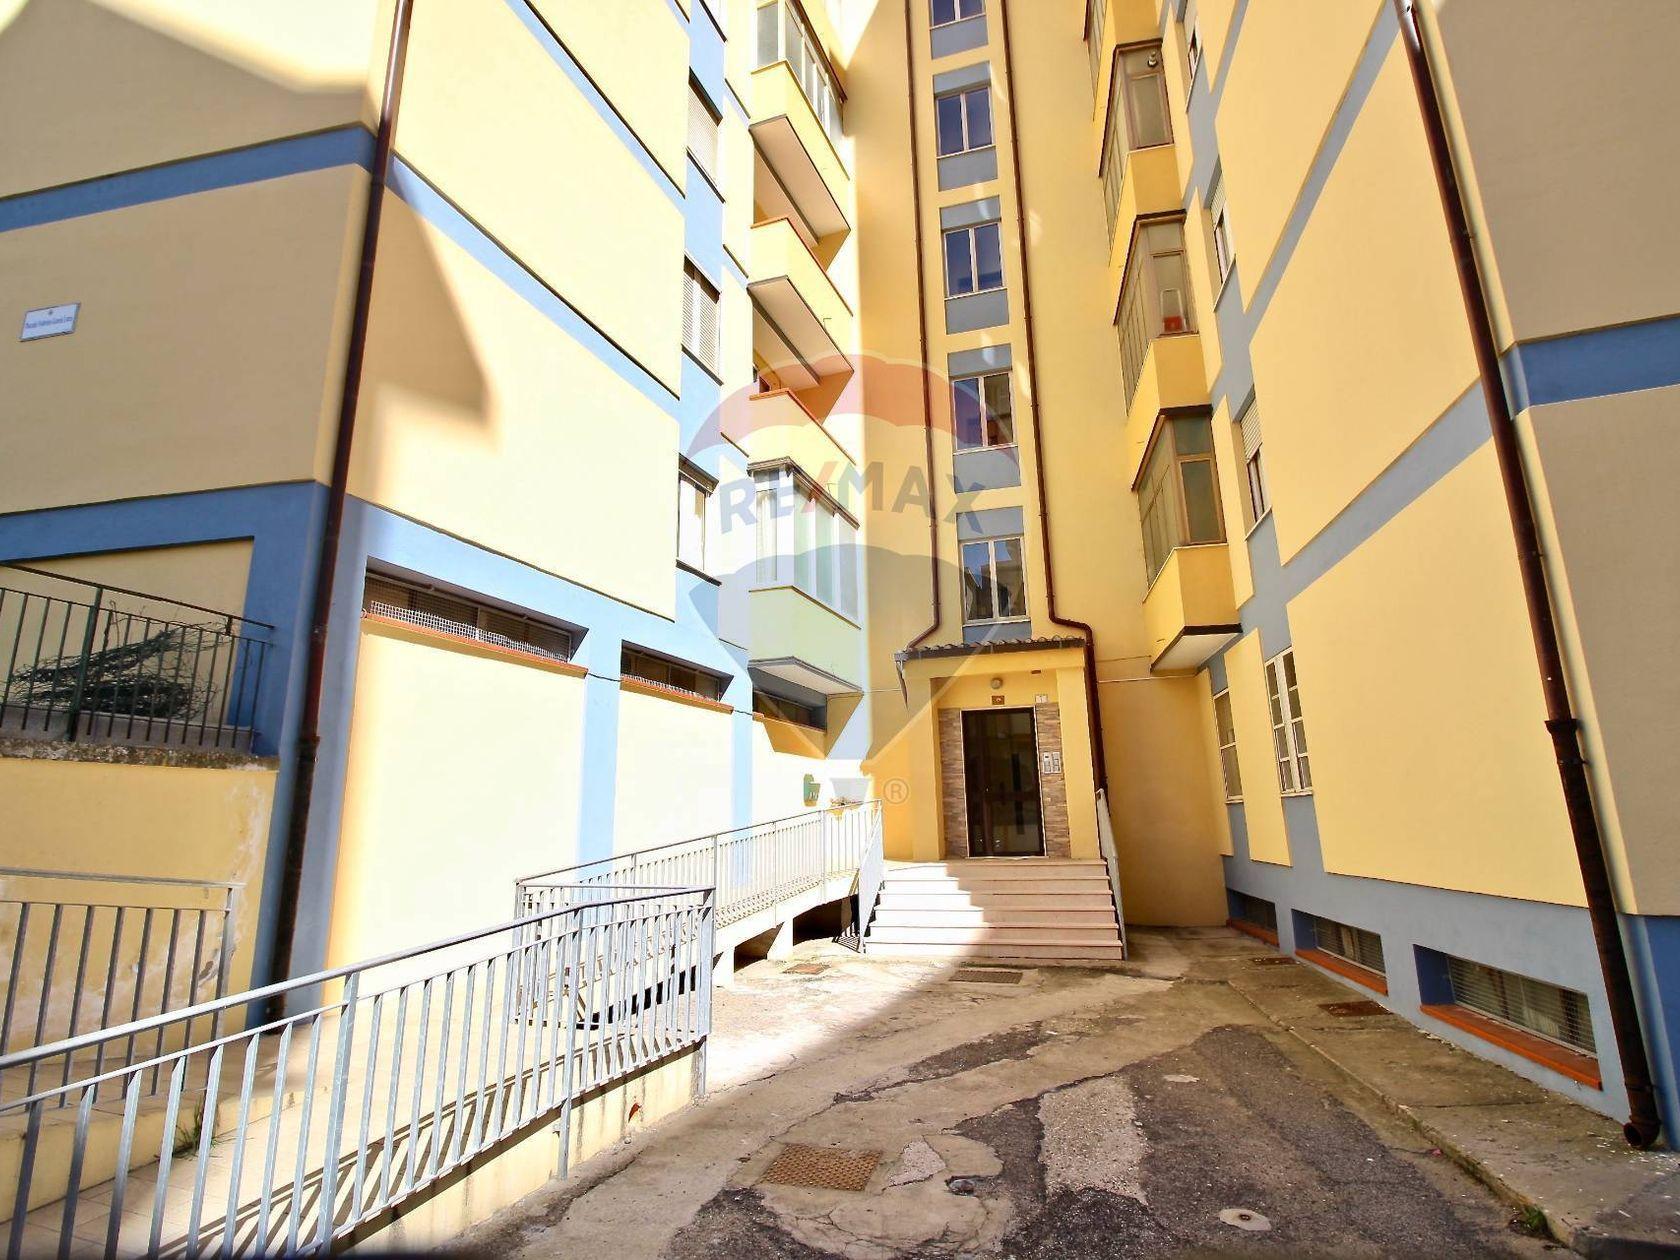 Appartamento Centro, Nuoro, NU Vendita - Foto 2